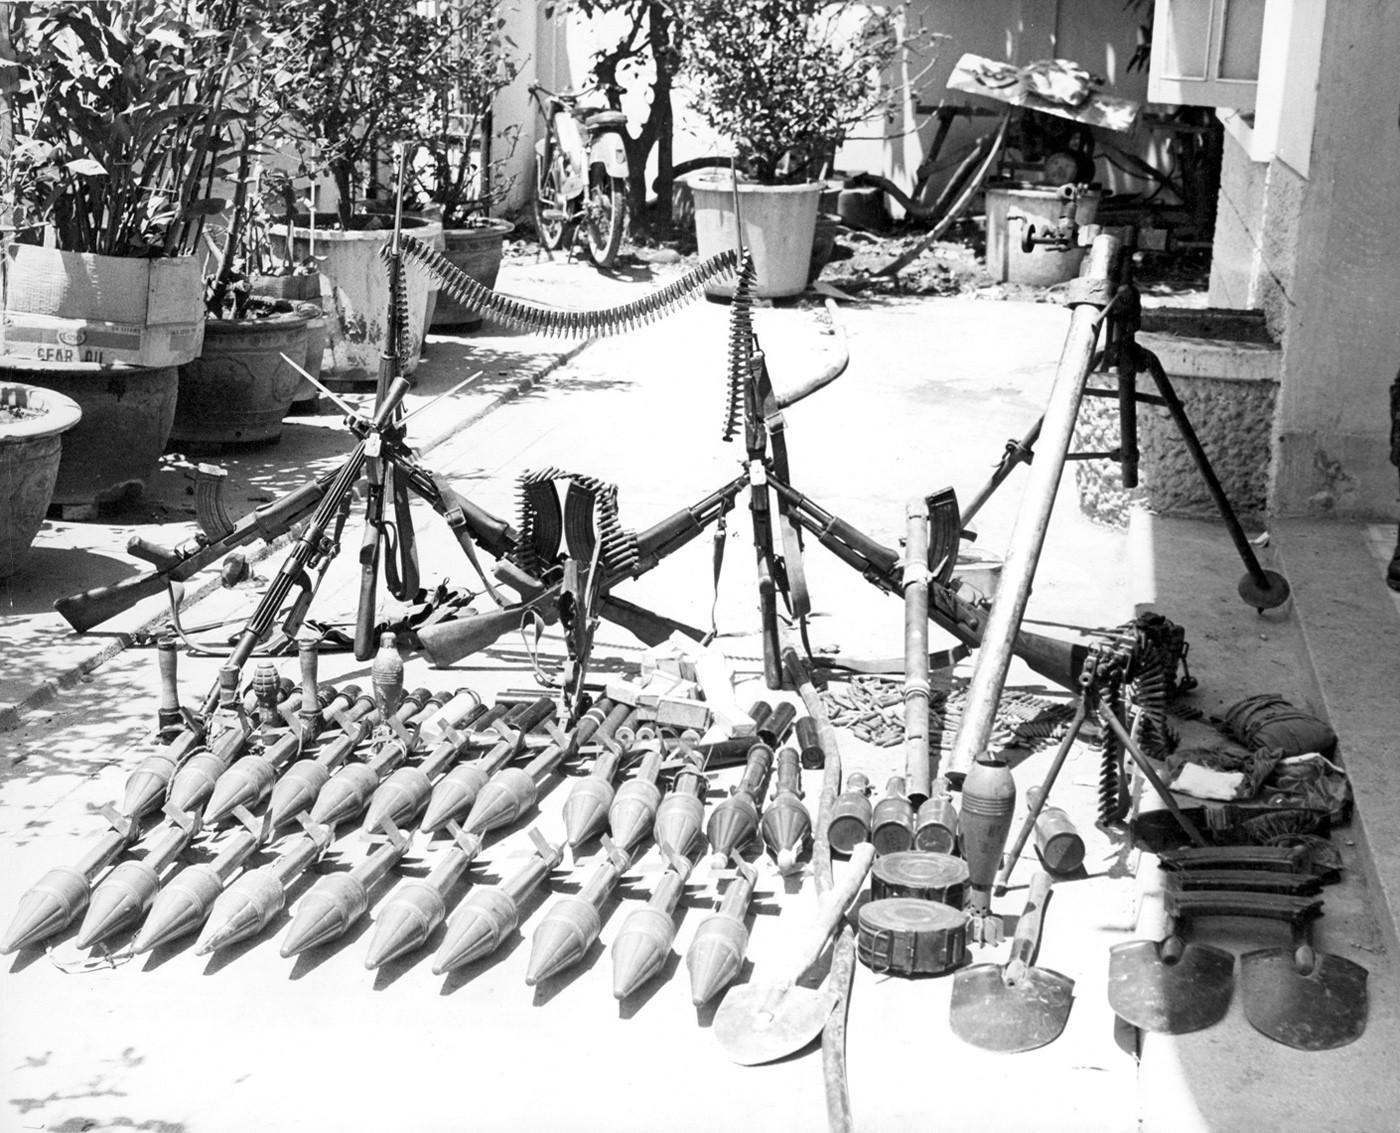 Los Comandos estadounidenses tuvieron un rollo amoroso con los AK-47s capturados. Normalmente los soldados en Vietnam preferían el Kalashnikov antes que sus propias armas.